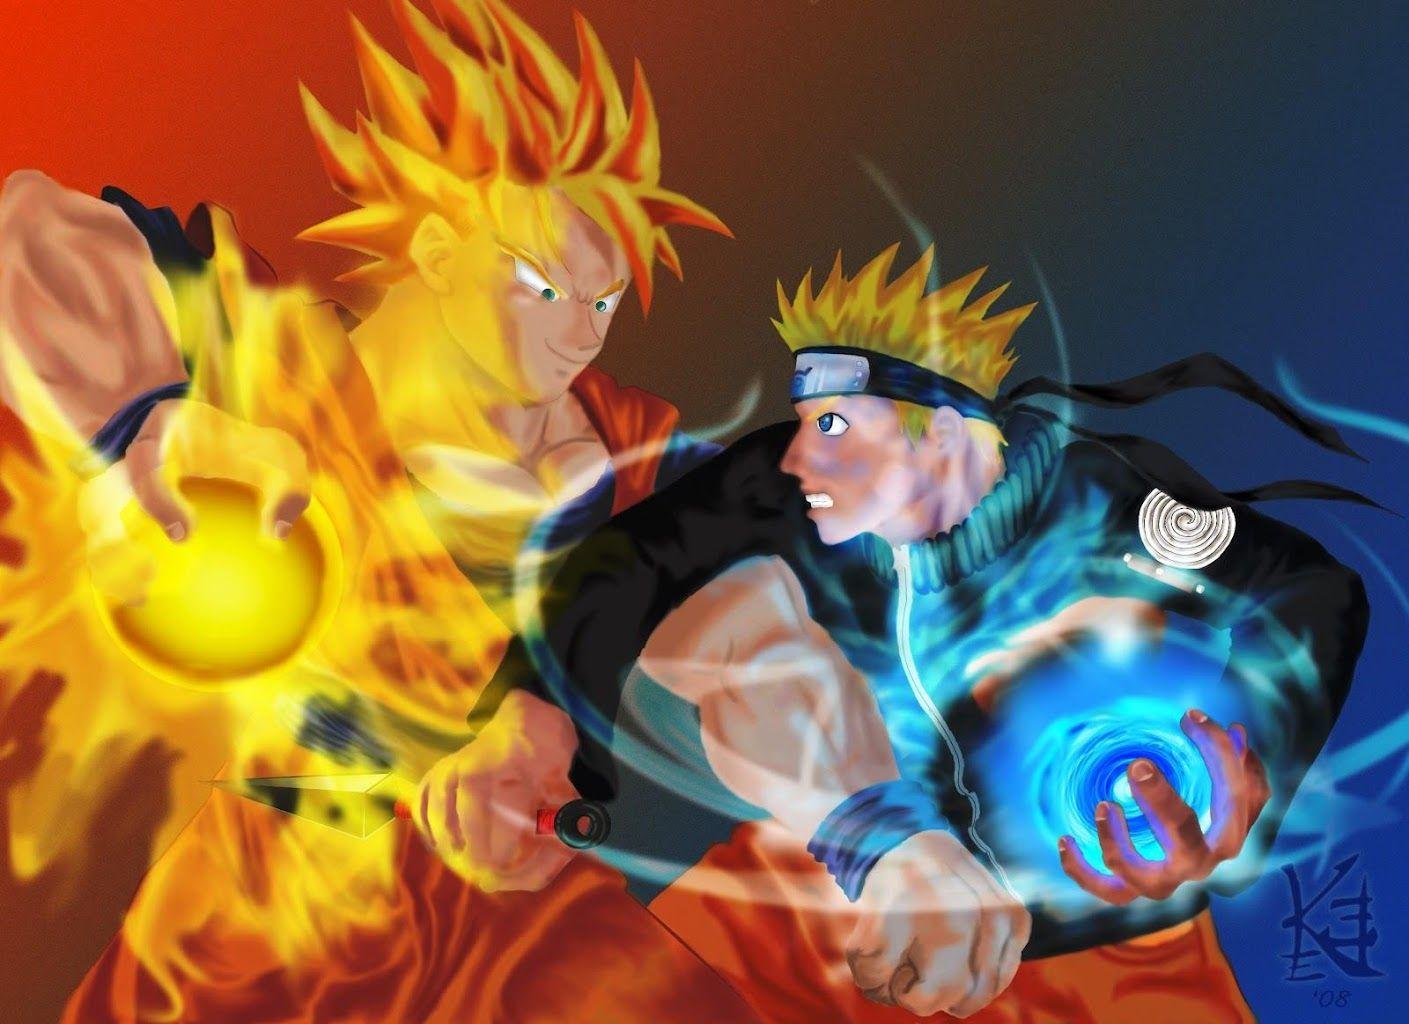 Naruto Vs Goku Live Wallpaper Download   Naruto Vs Goku 1409x1024